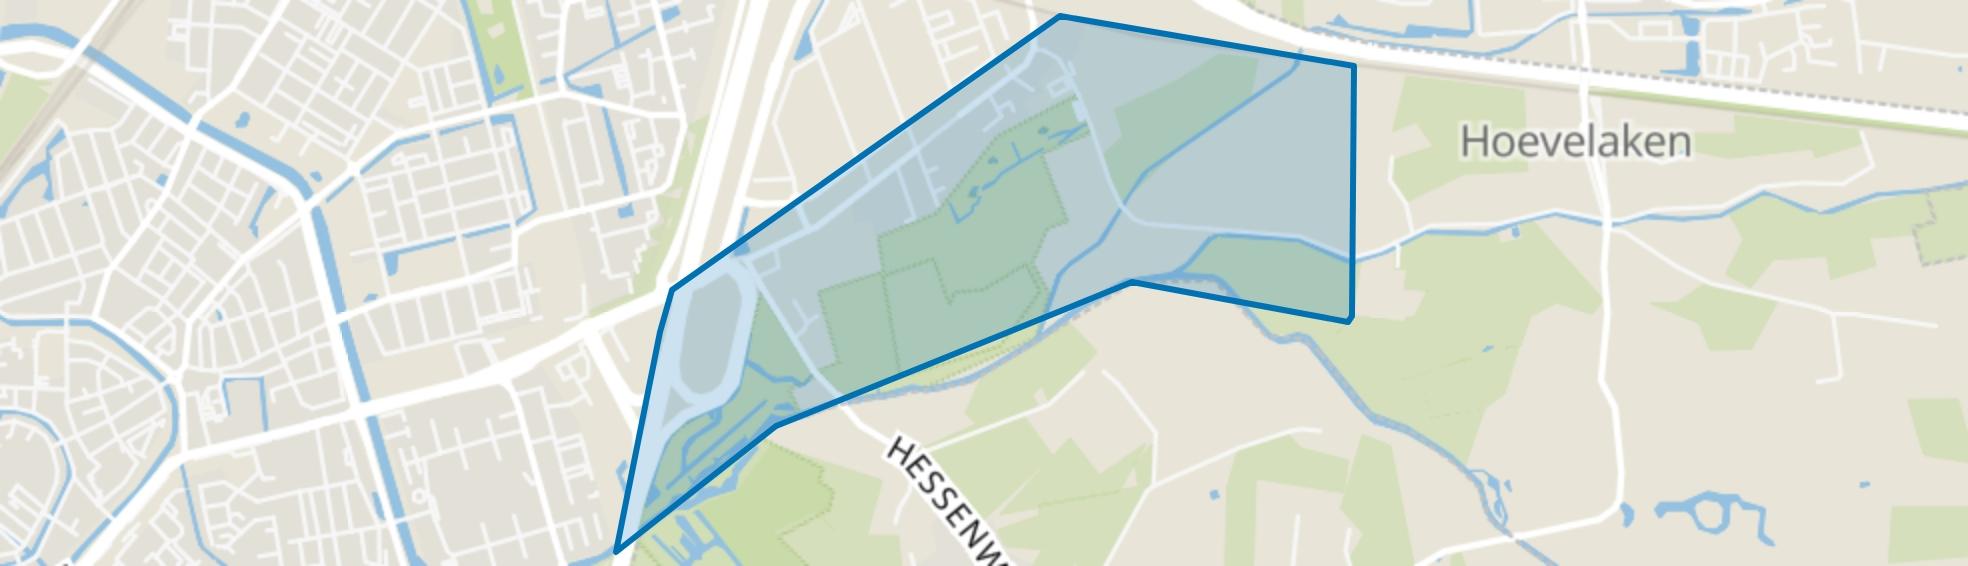 Bloeidaal, Amersfoort map